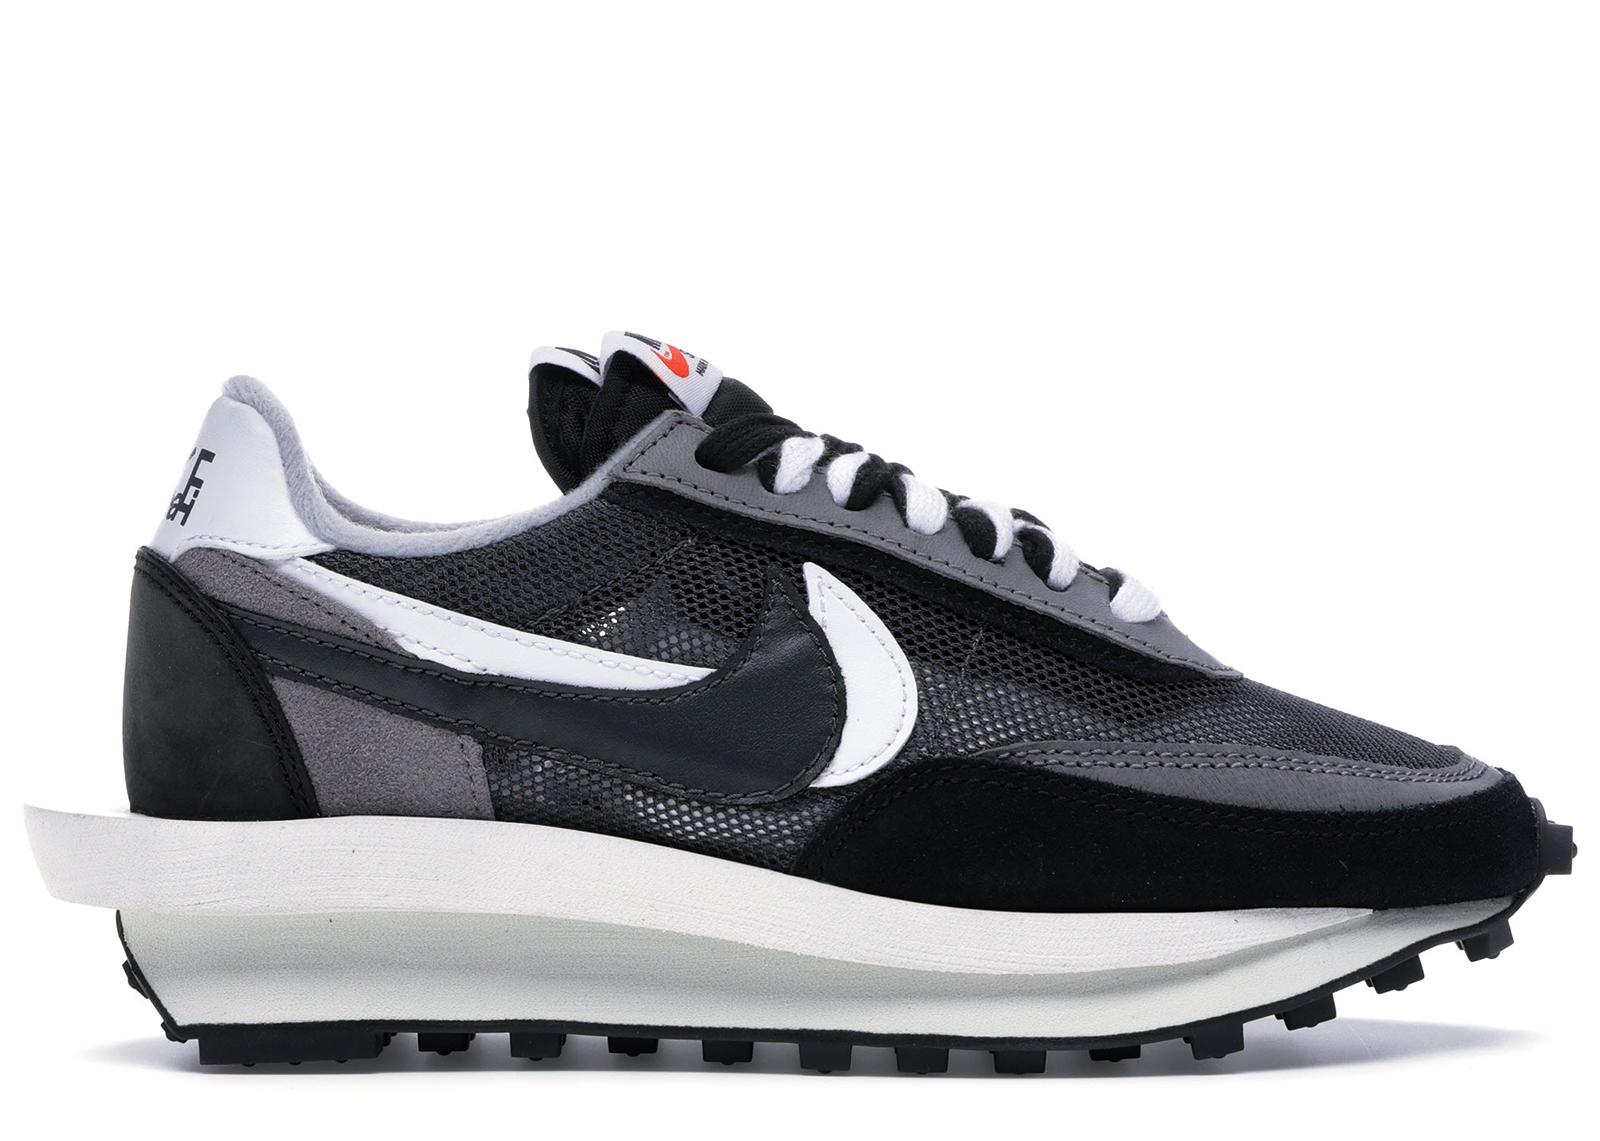 Nike LD Waffle sacai Black - BV0073-001